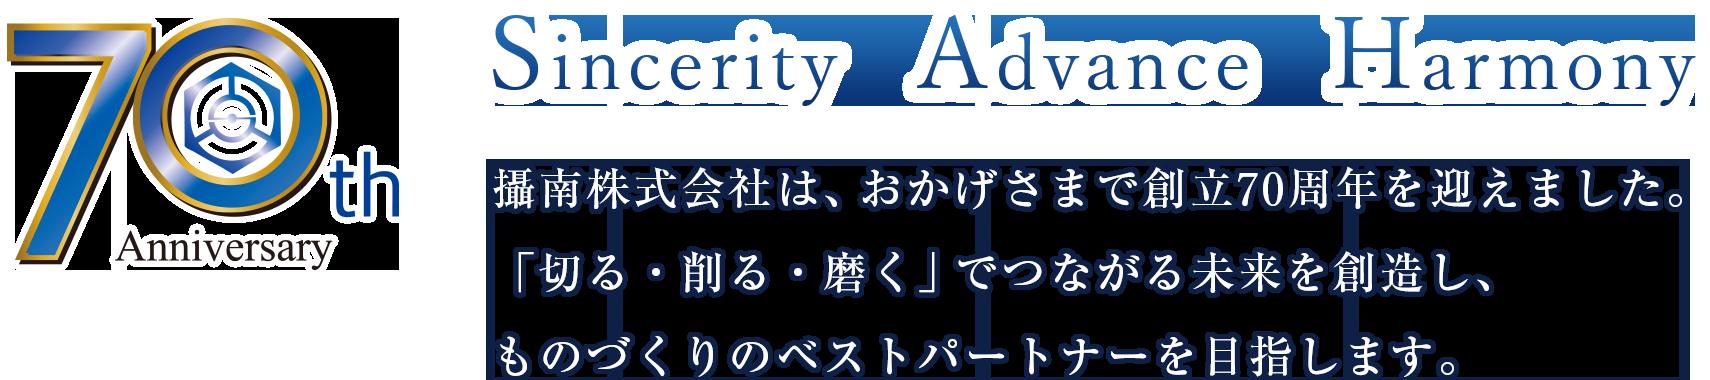 攝南株式会社は、おかげさまで創立70周年を迎えました。「切る・削る・磨く」でつながる未来を創造し、ものづくりのベストパートナーを目指します。